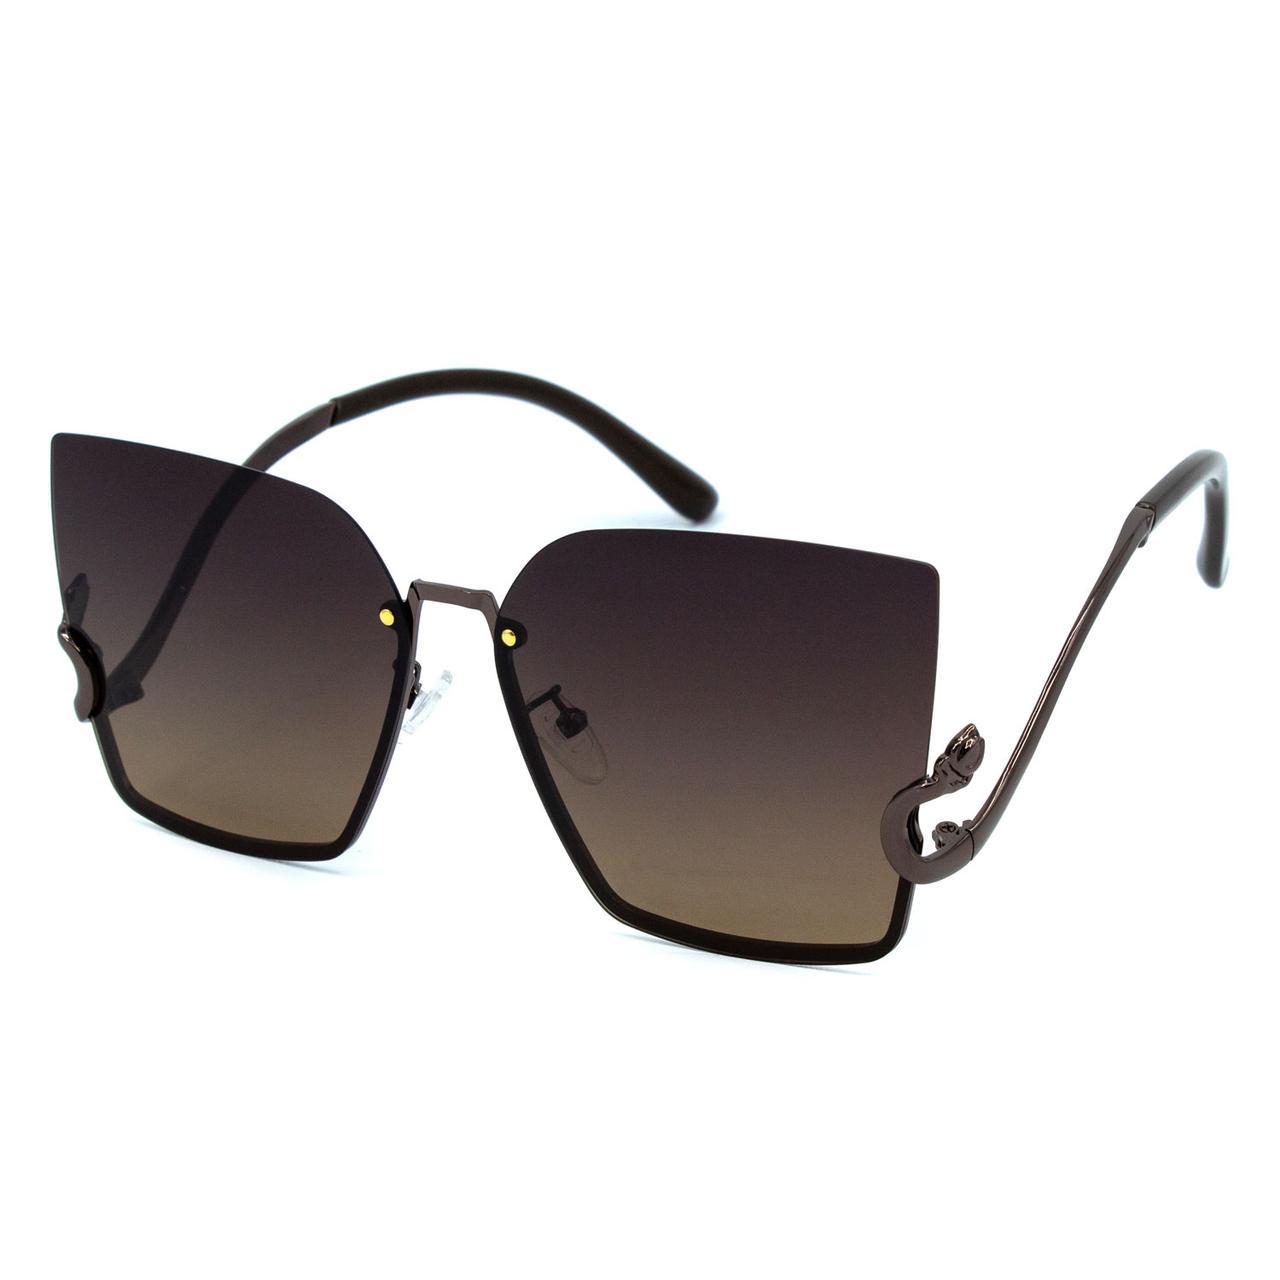 Солнцезащитные очки Marmilen 77005 C4 коричневые     ( 77005-04 )